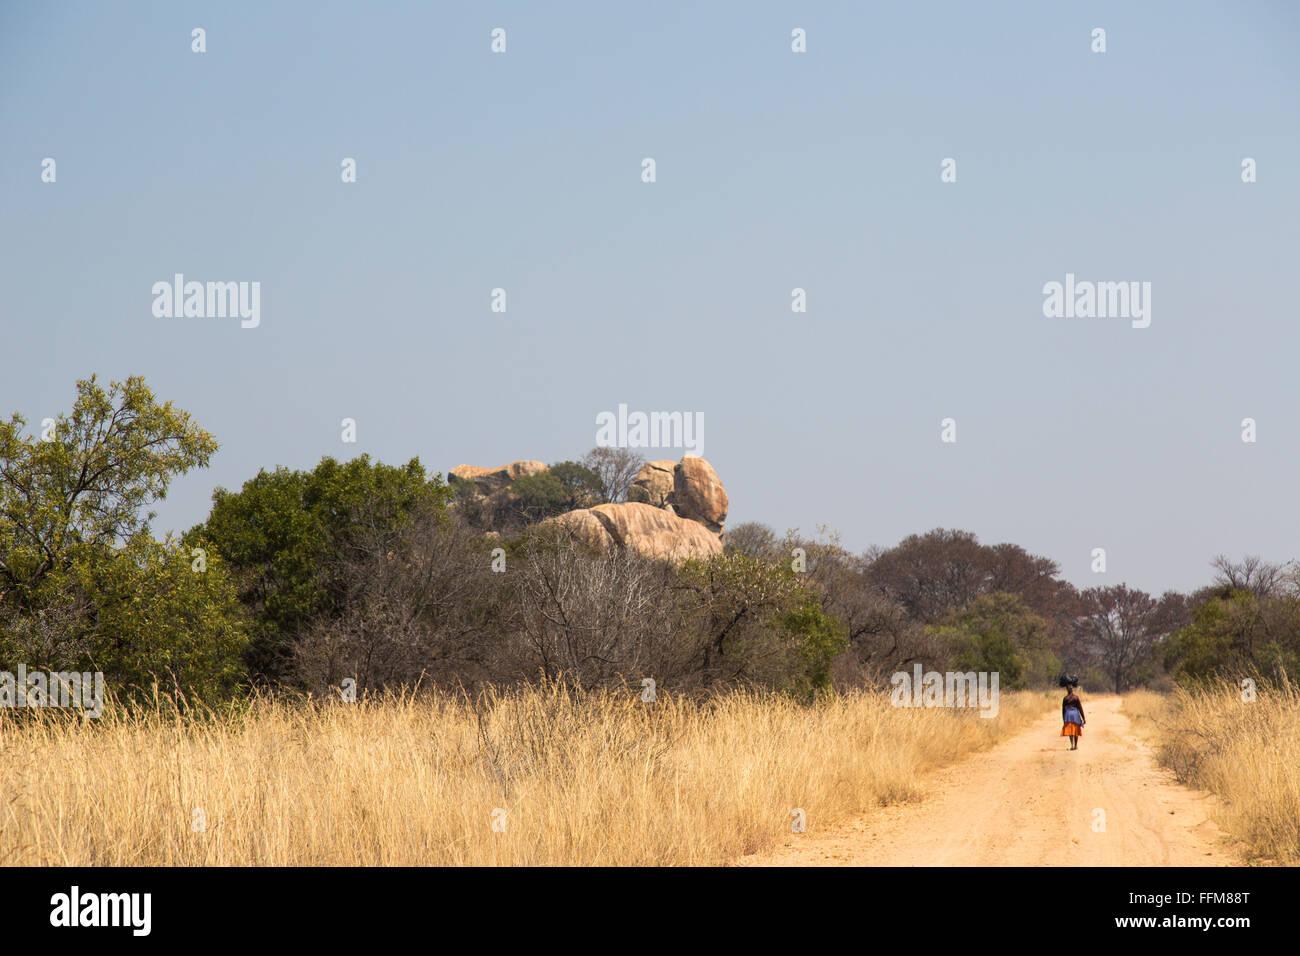 Une femme avec un ensemble en équilibre sur sa tête marchant dans un chemin de terre rurale dans l'ouest Photo Stock